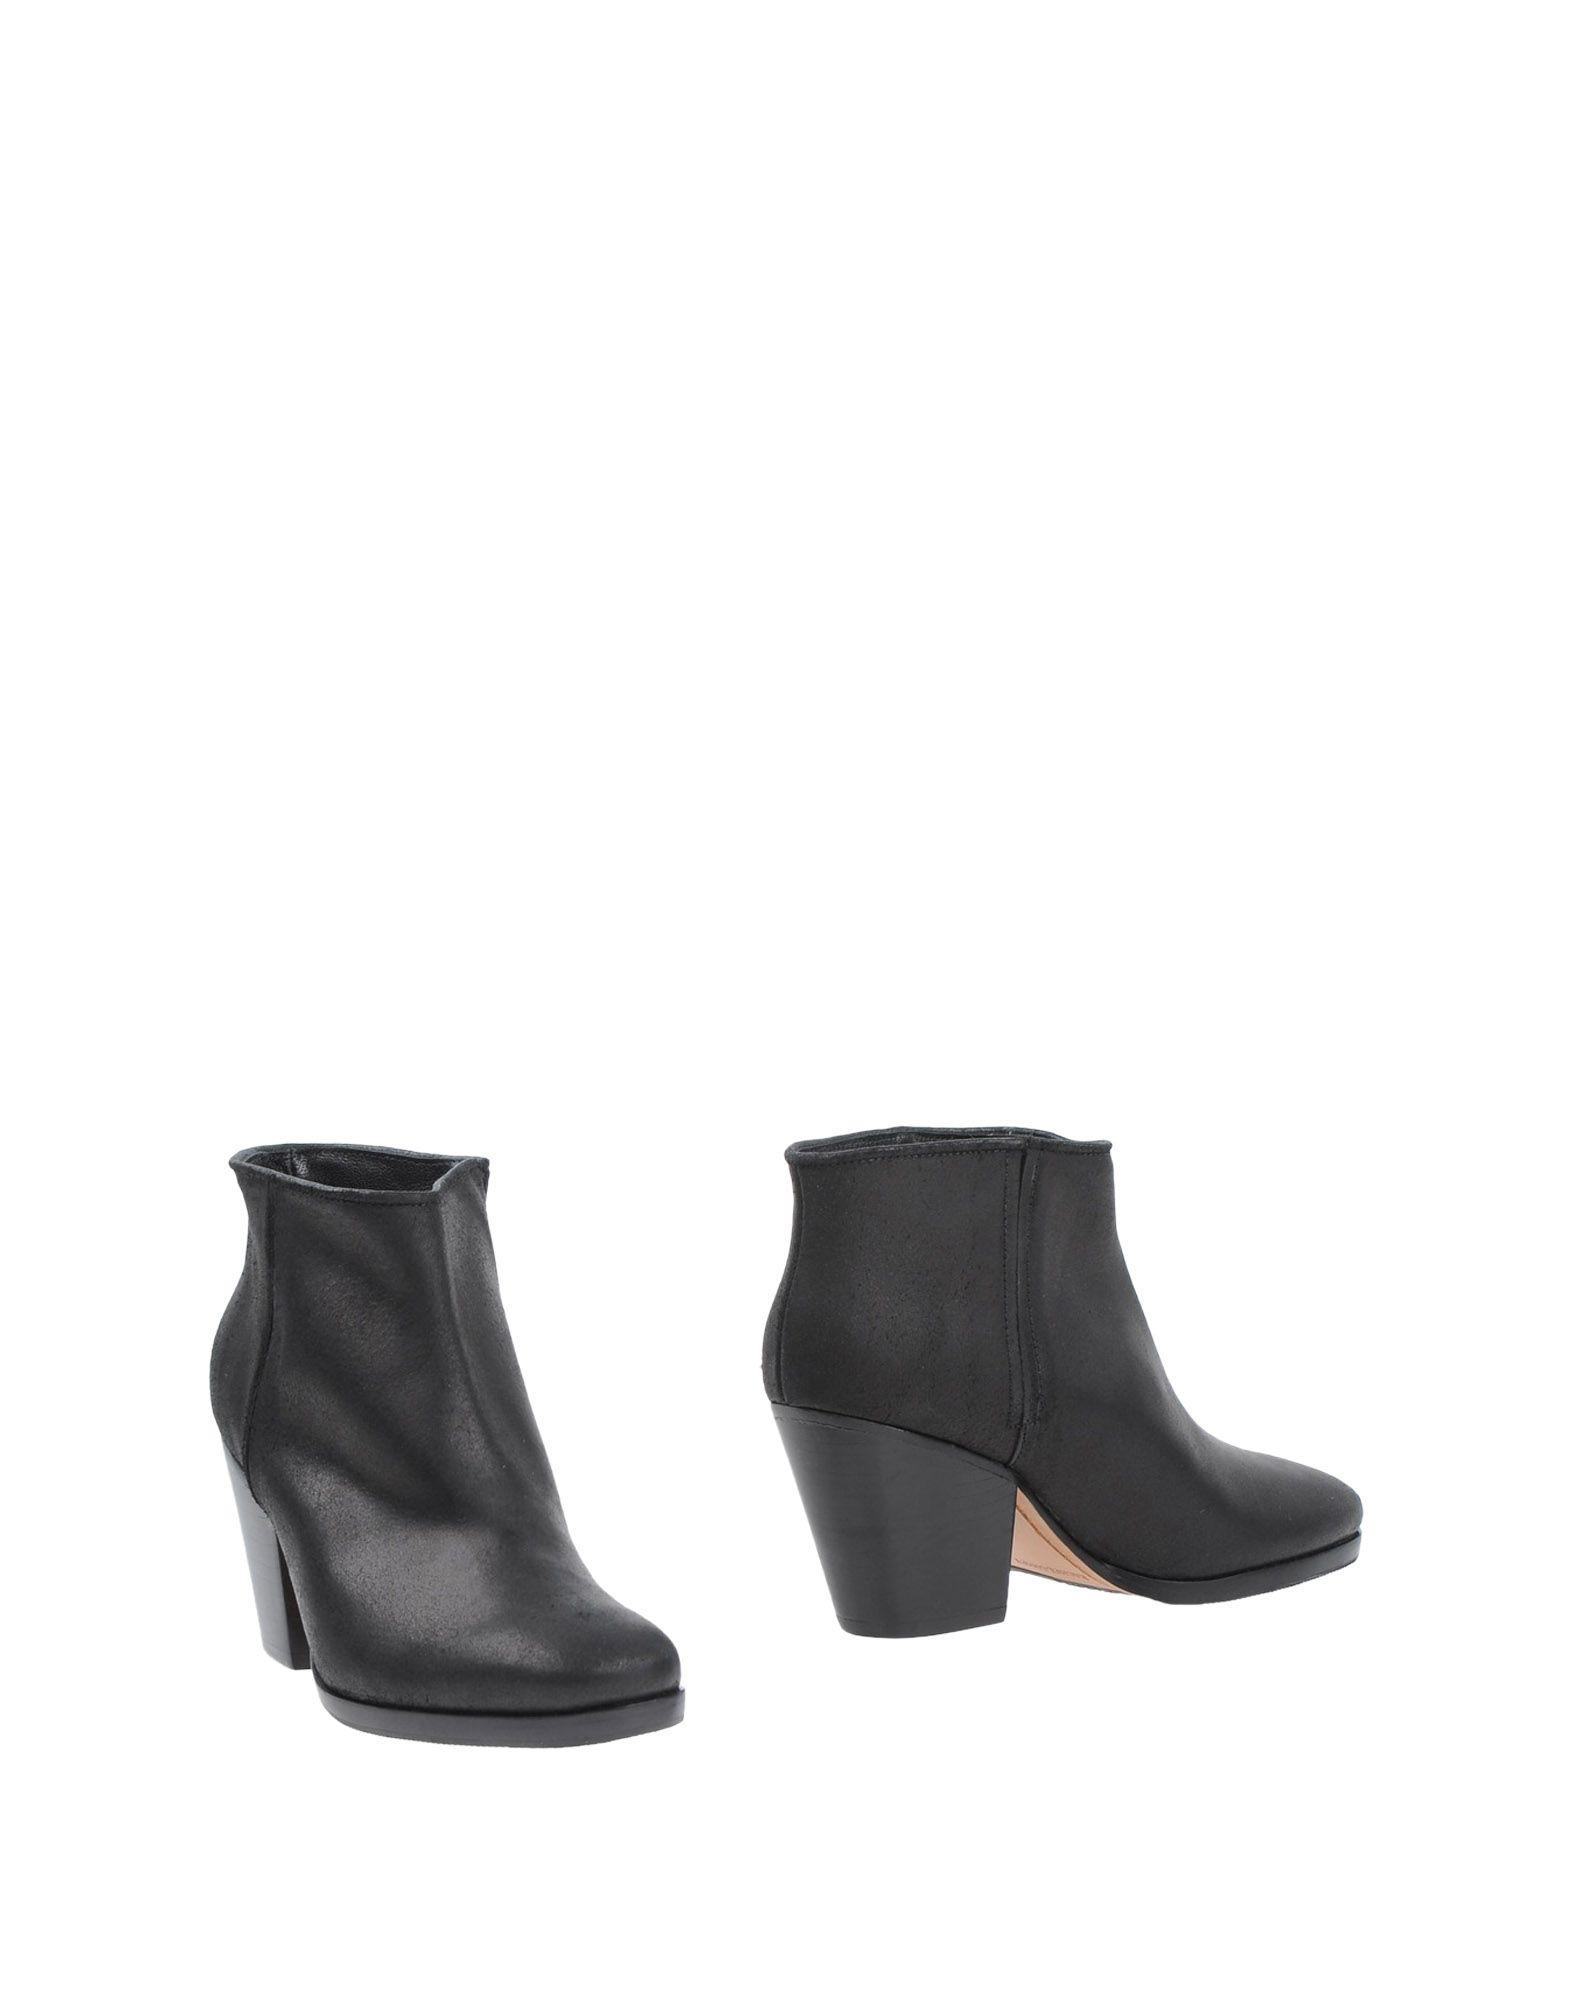 Rachel Comey Stiefelette Damen  11330622KXGut aussehende strapazierfähige Schuhe